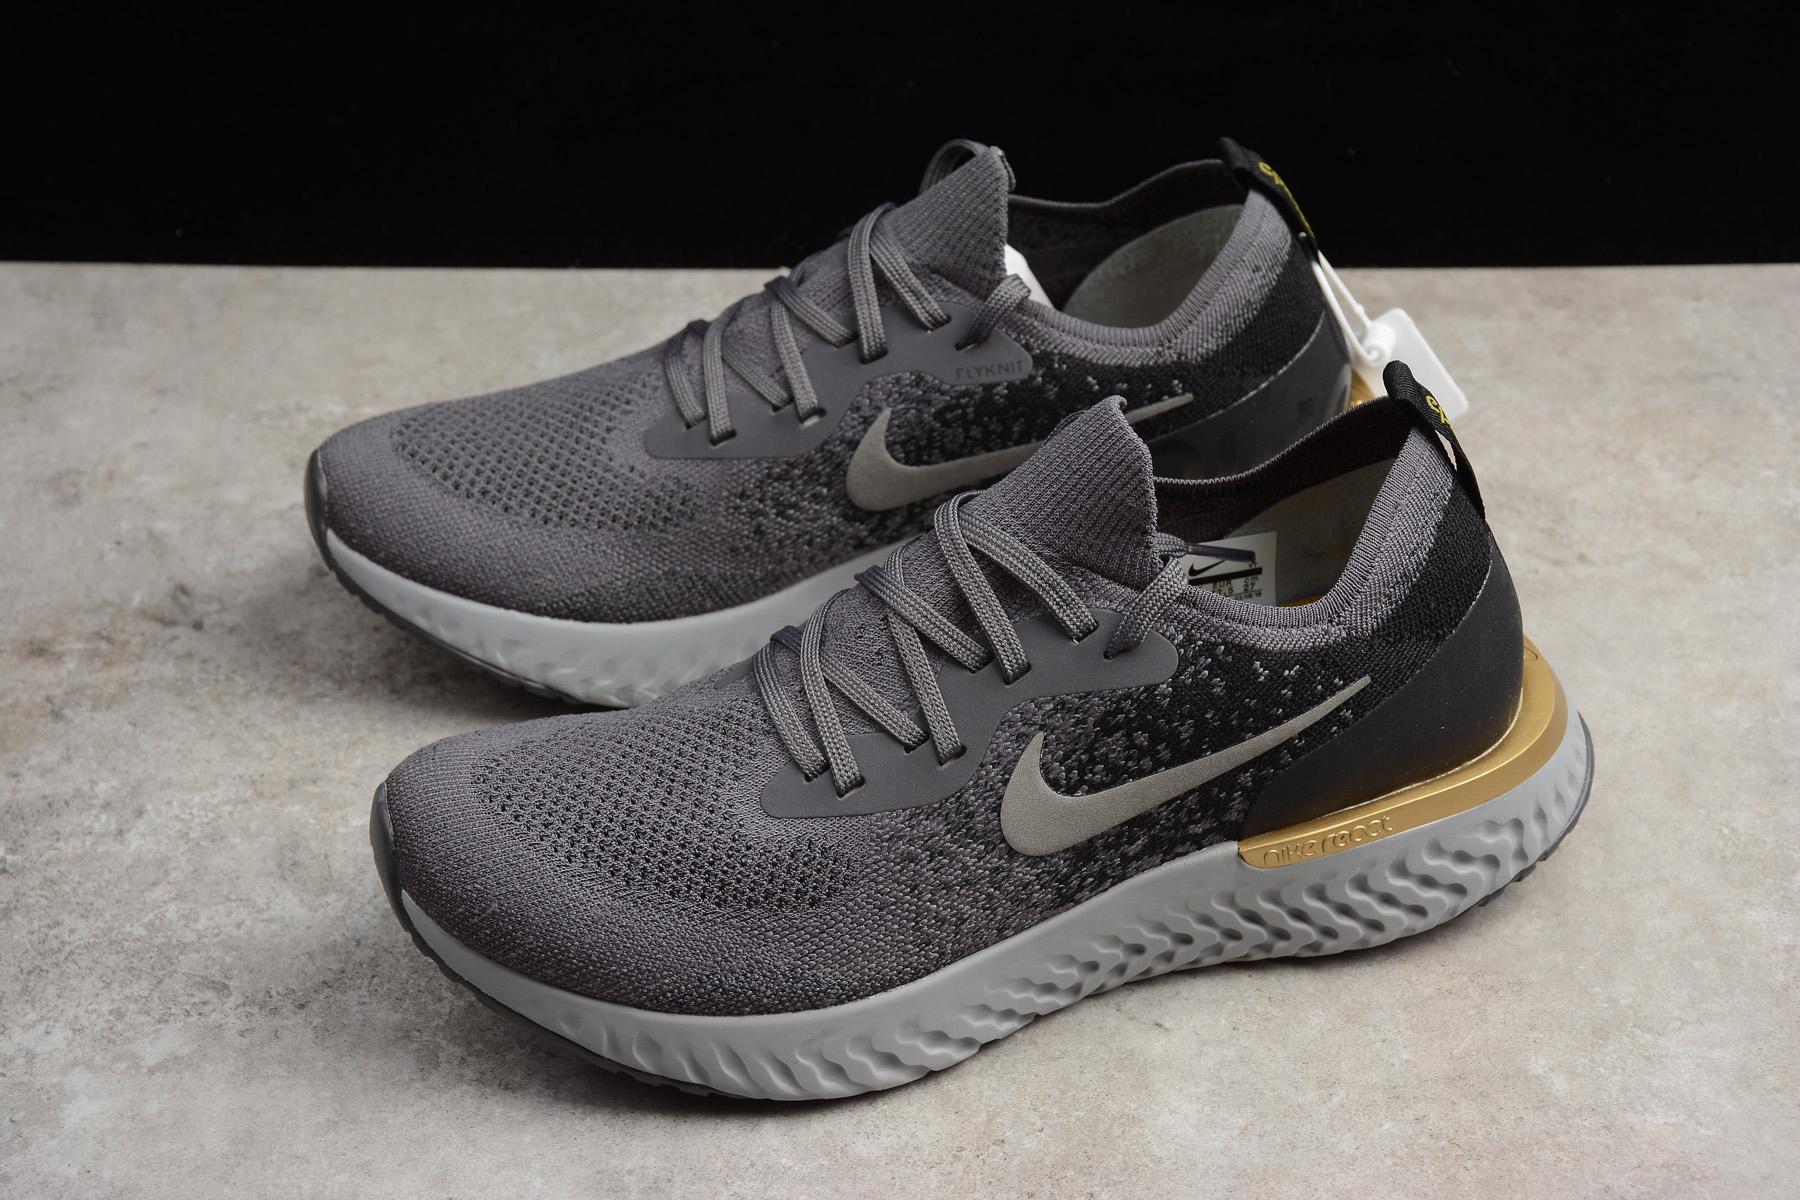 Nike Epic React Flyknit Men's Running